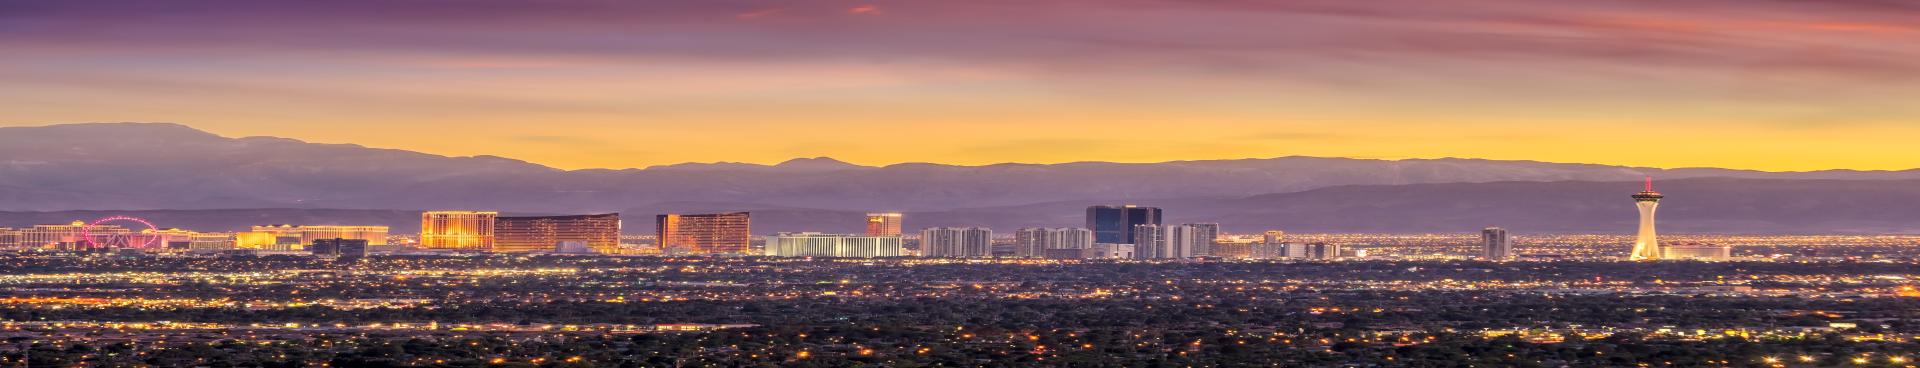 Nevada Panoramic Revised